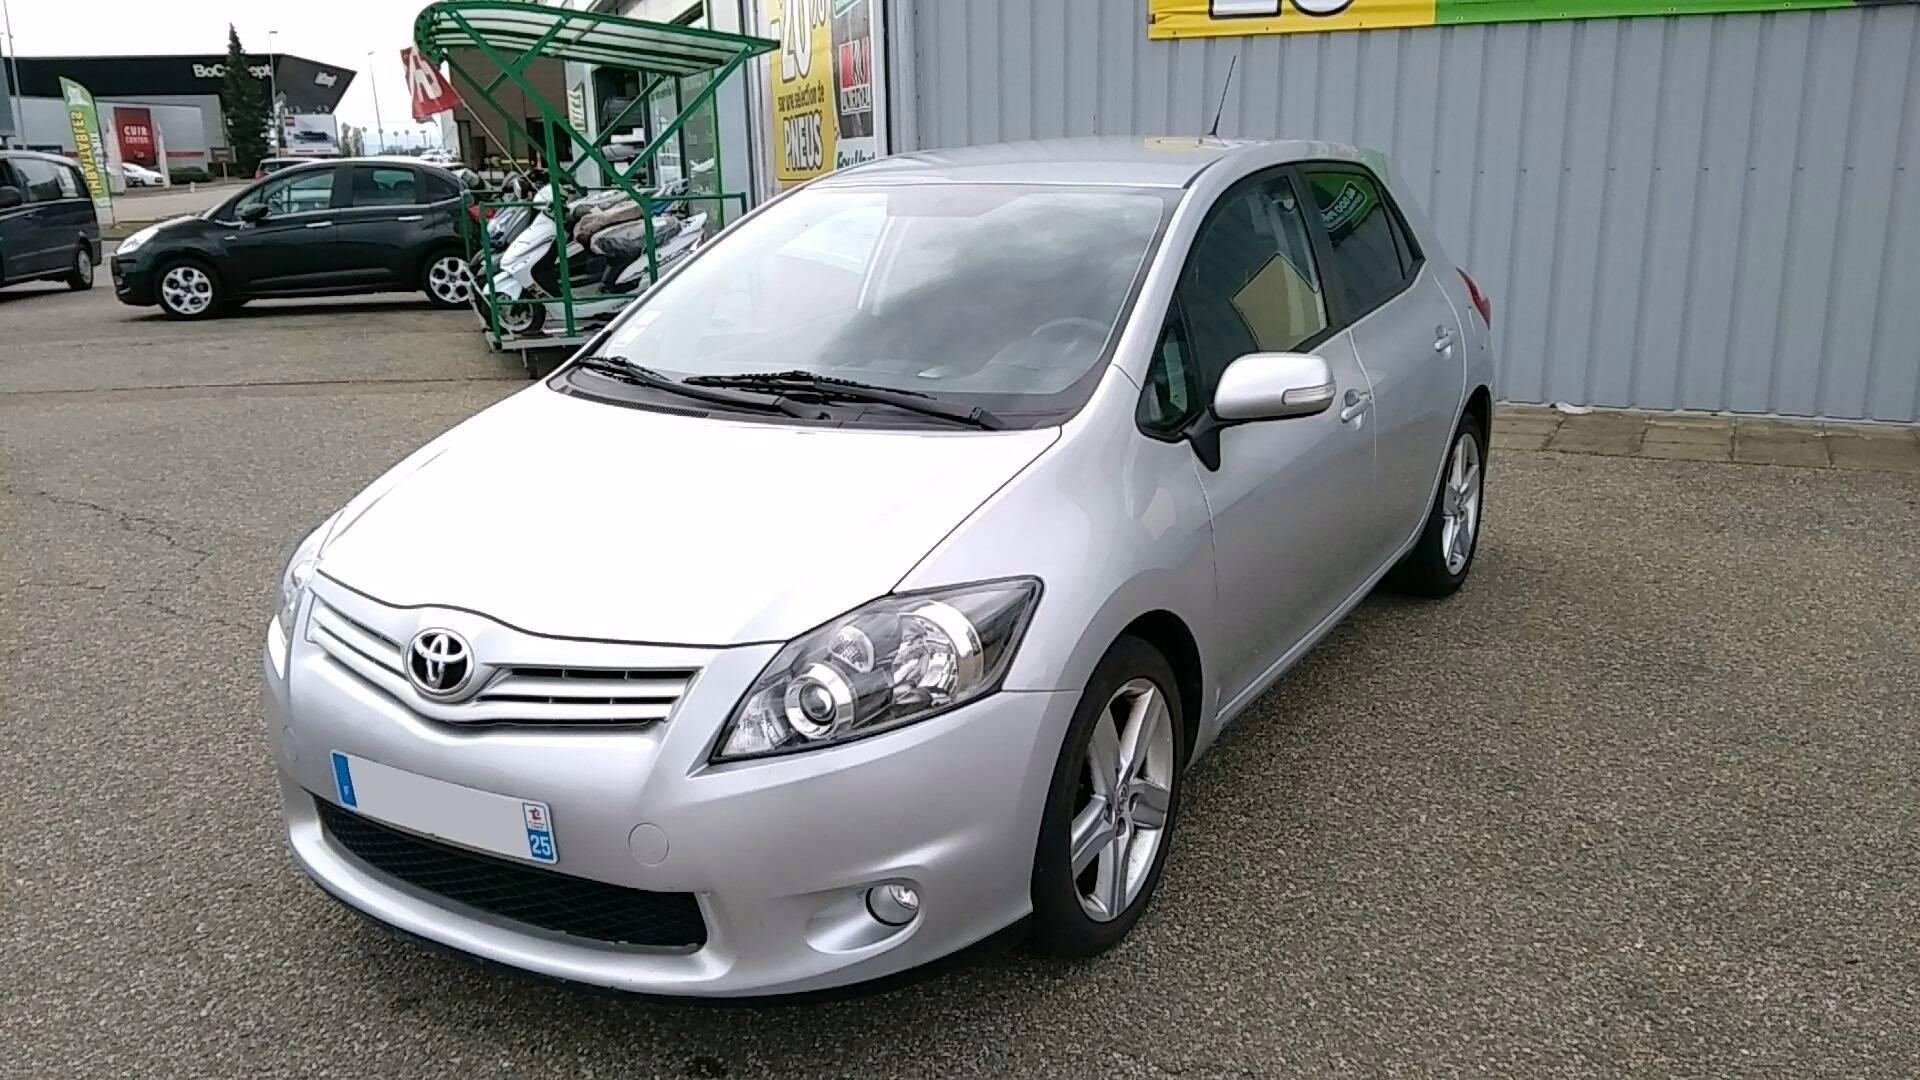 Toyota auris d 39 occasion 2 0 d4d 125 sport line lampertheim - Acheter une voiture d occasion dans un garage ...